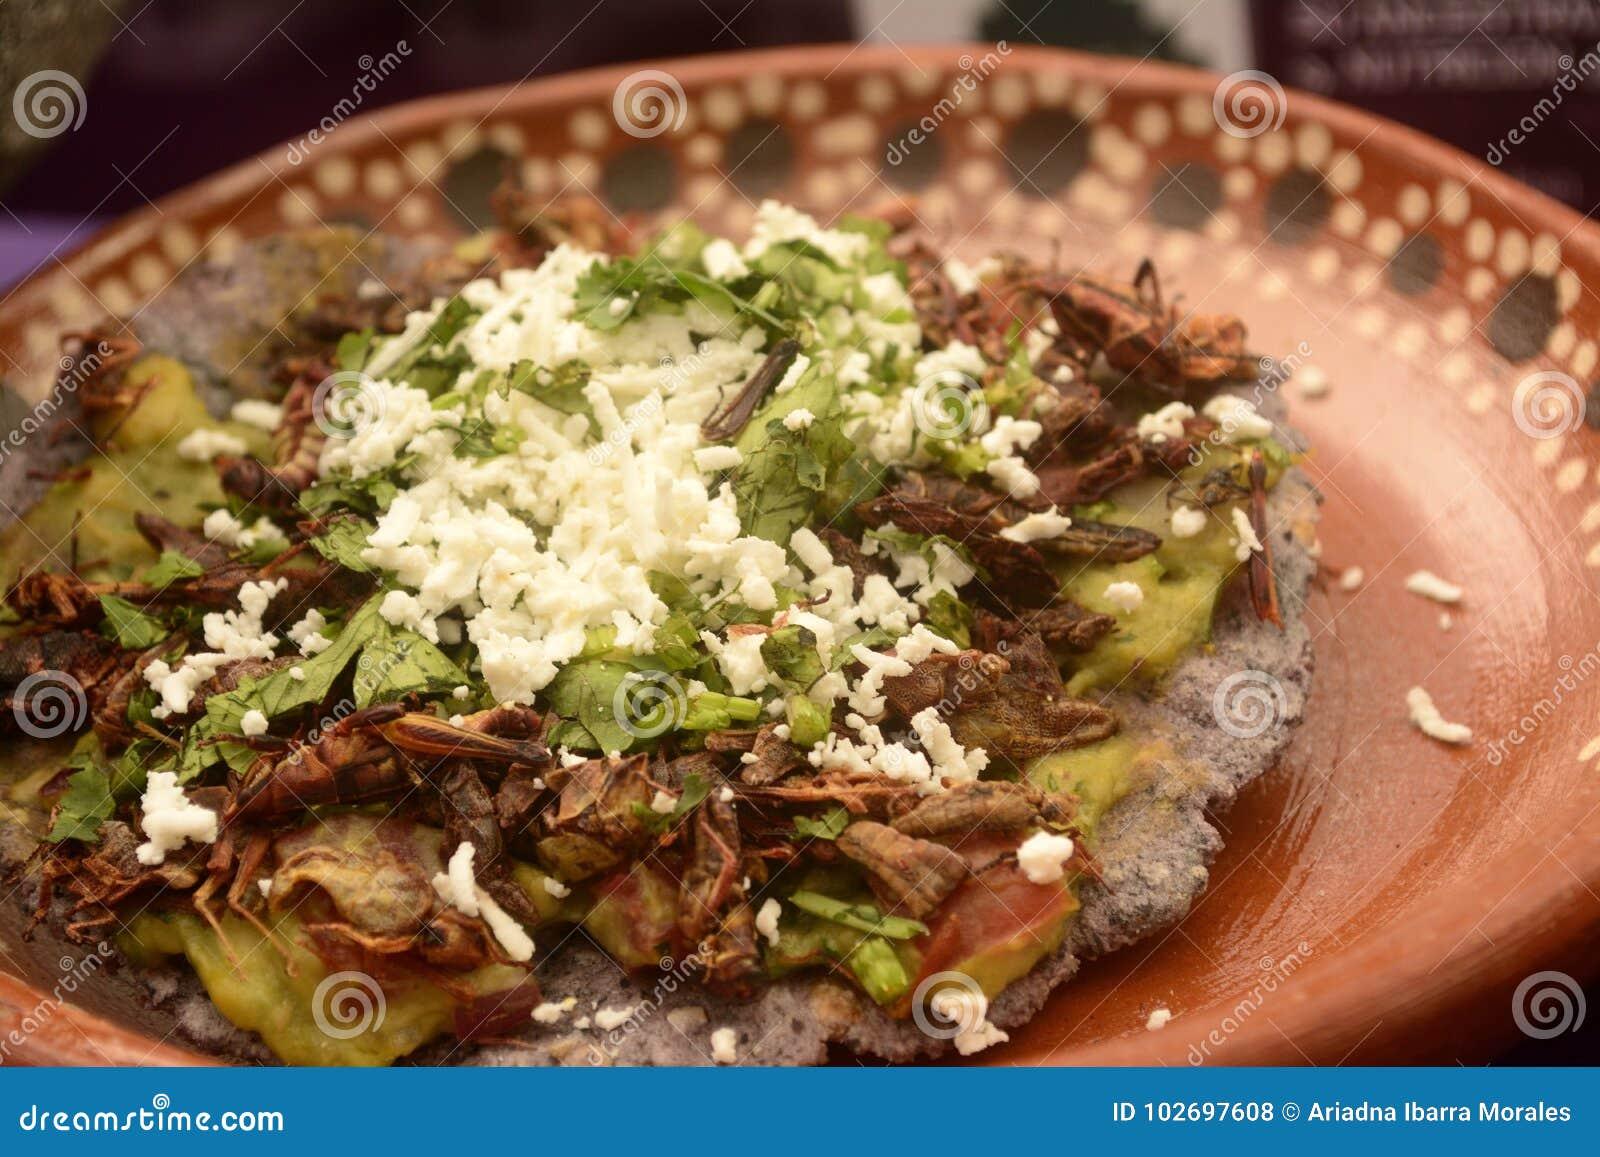 Taco mexicain de sauterelle, pain grillé comestible de tortilla d insecte fait avec du maïs bleu et rempli de guacamole, de froma